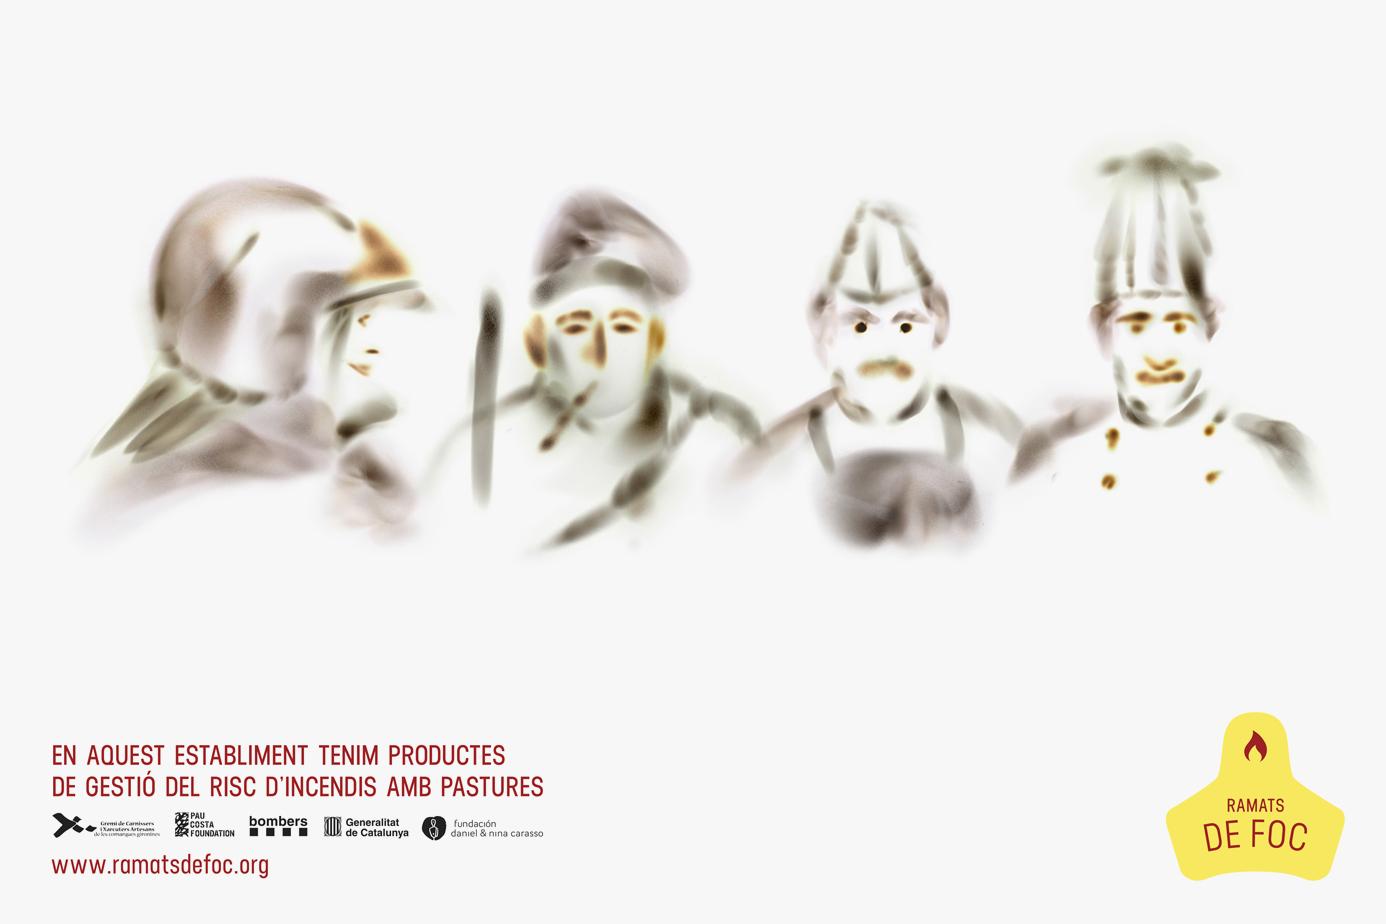 Ramats de Foc by La Fonda Gràfica - Creative Work - $i